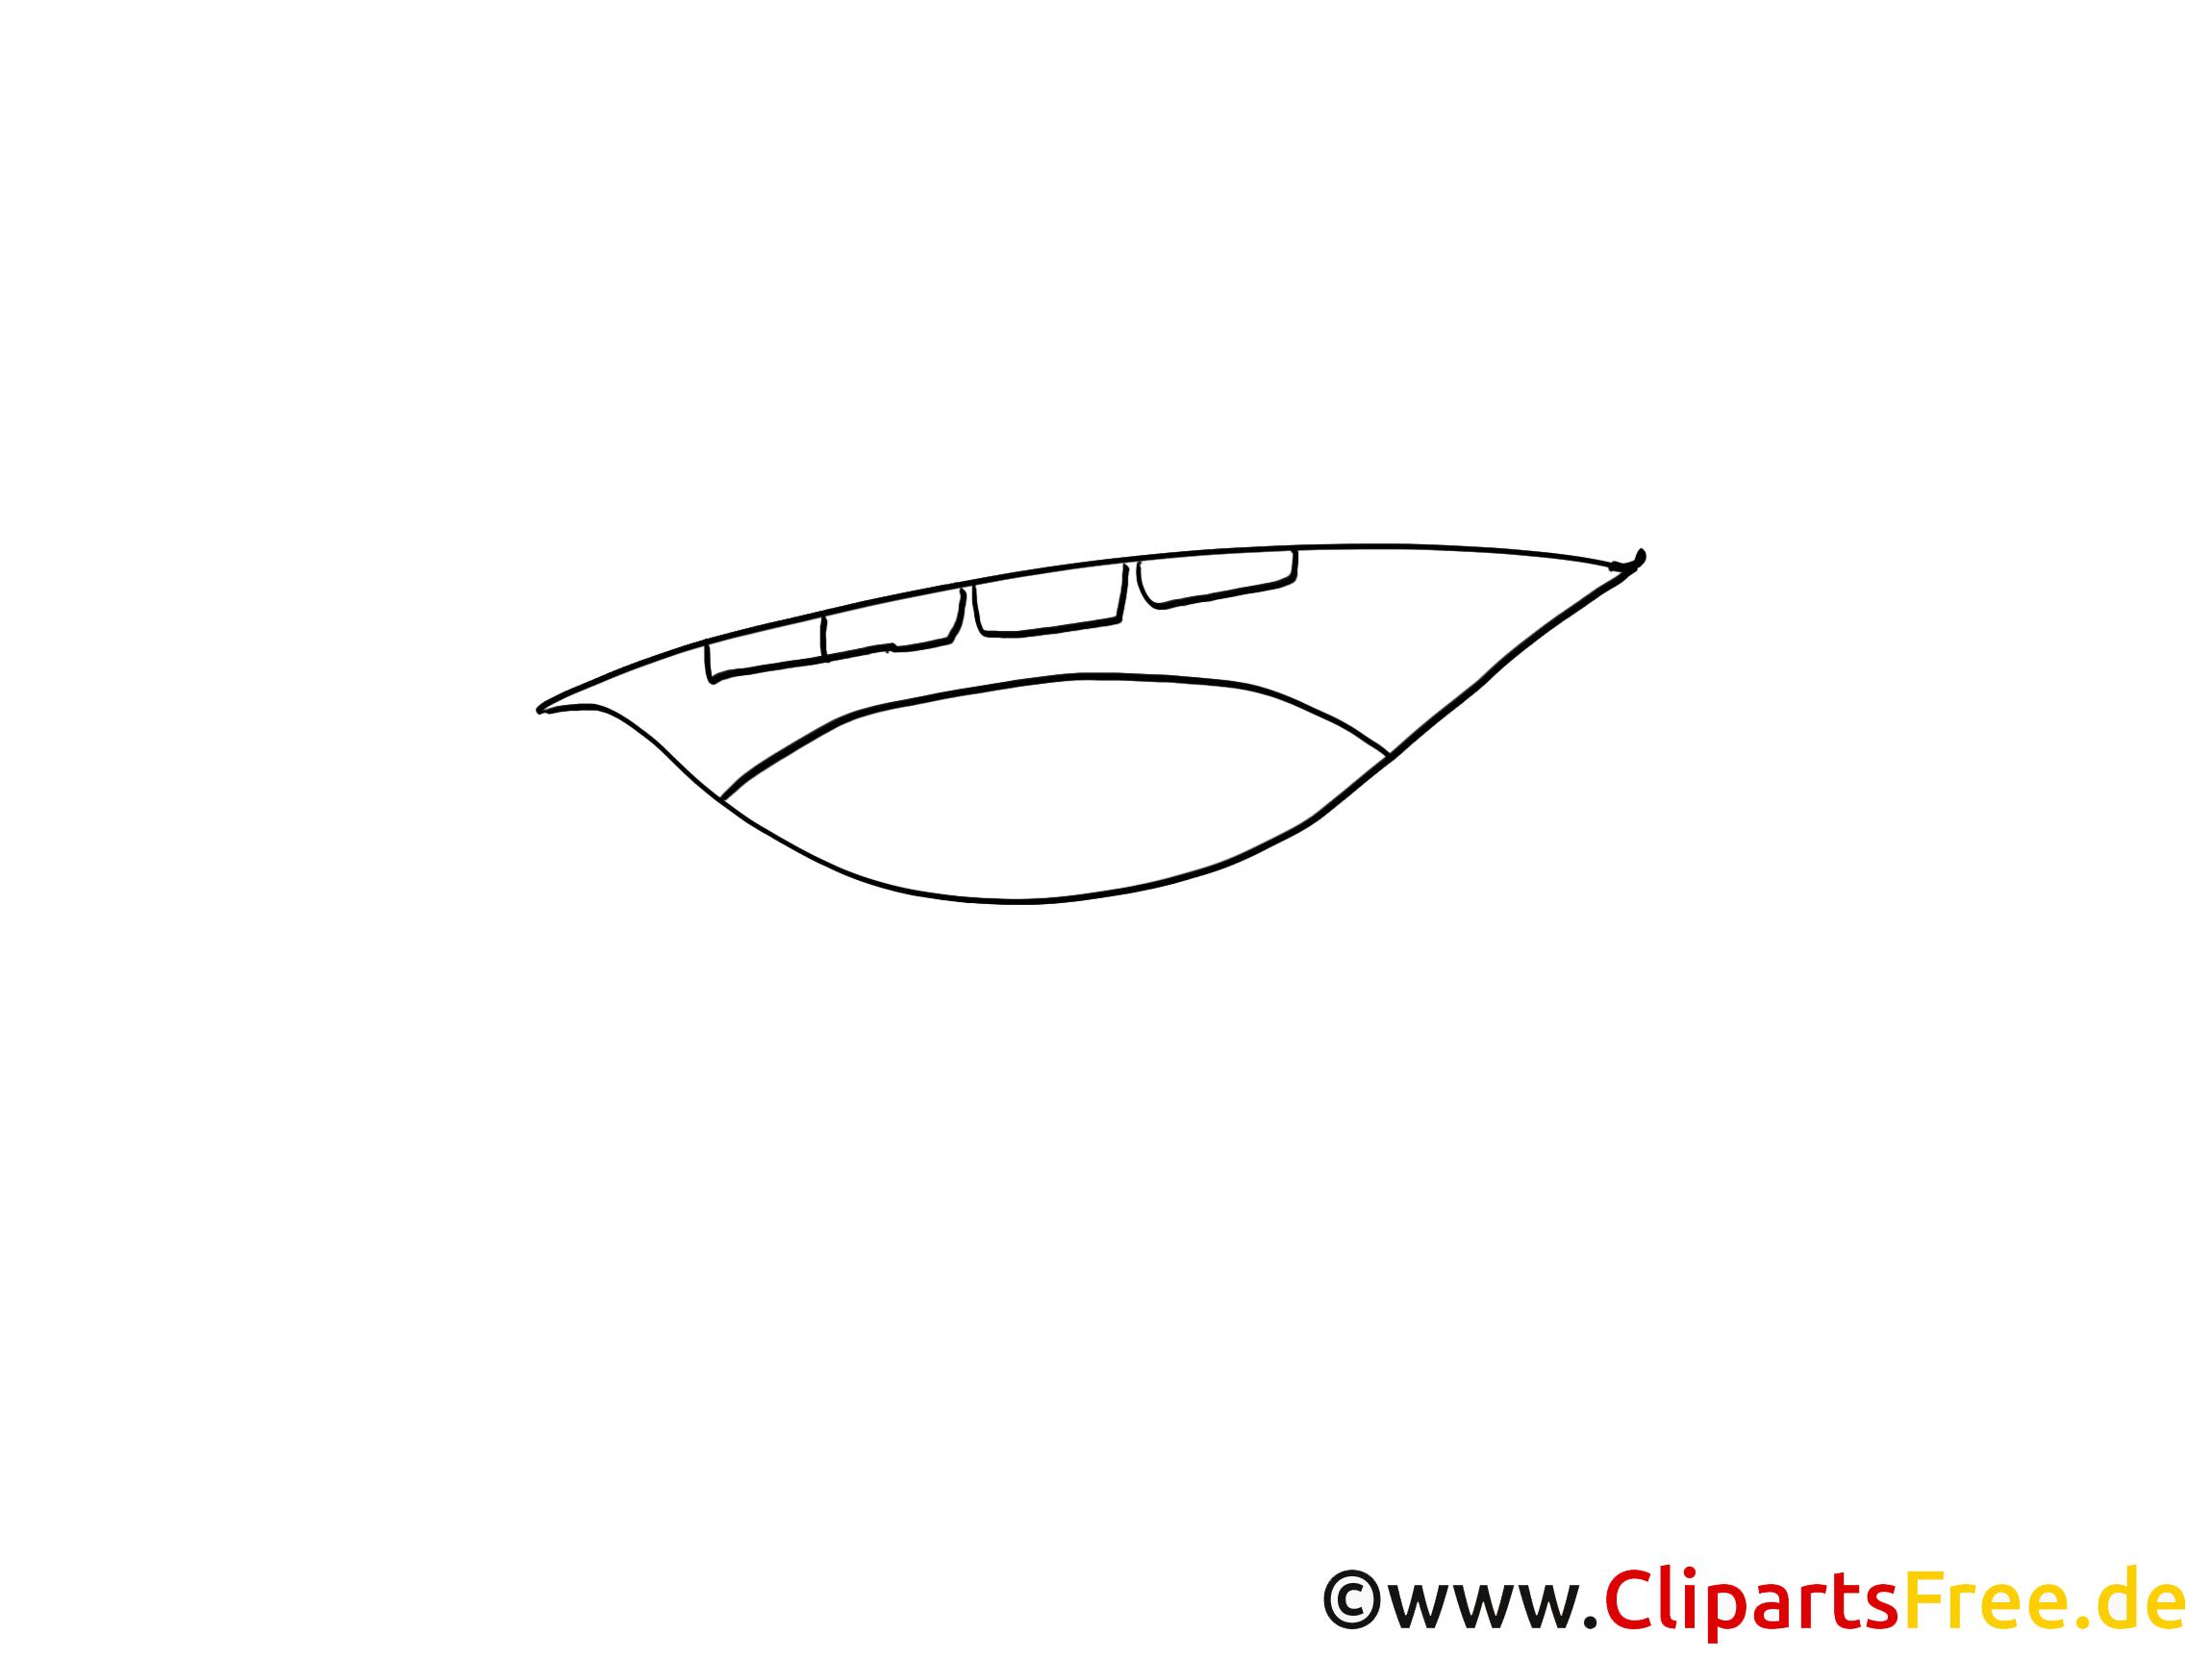 Ouverte bouche dessin image colorier gratuite cartoon - Bouche en dessin ...